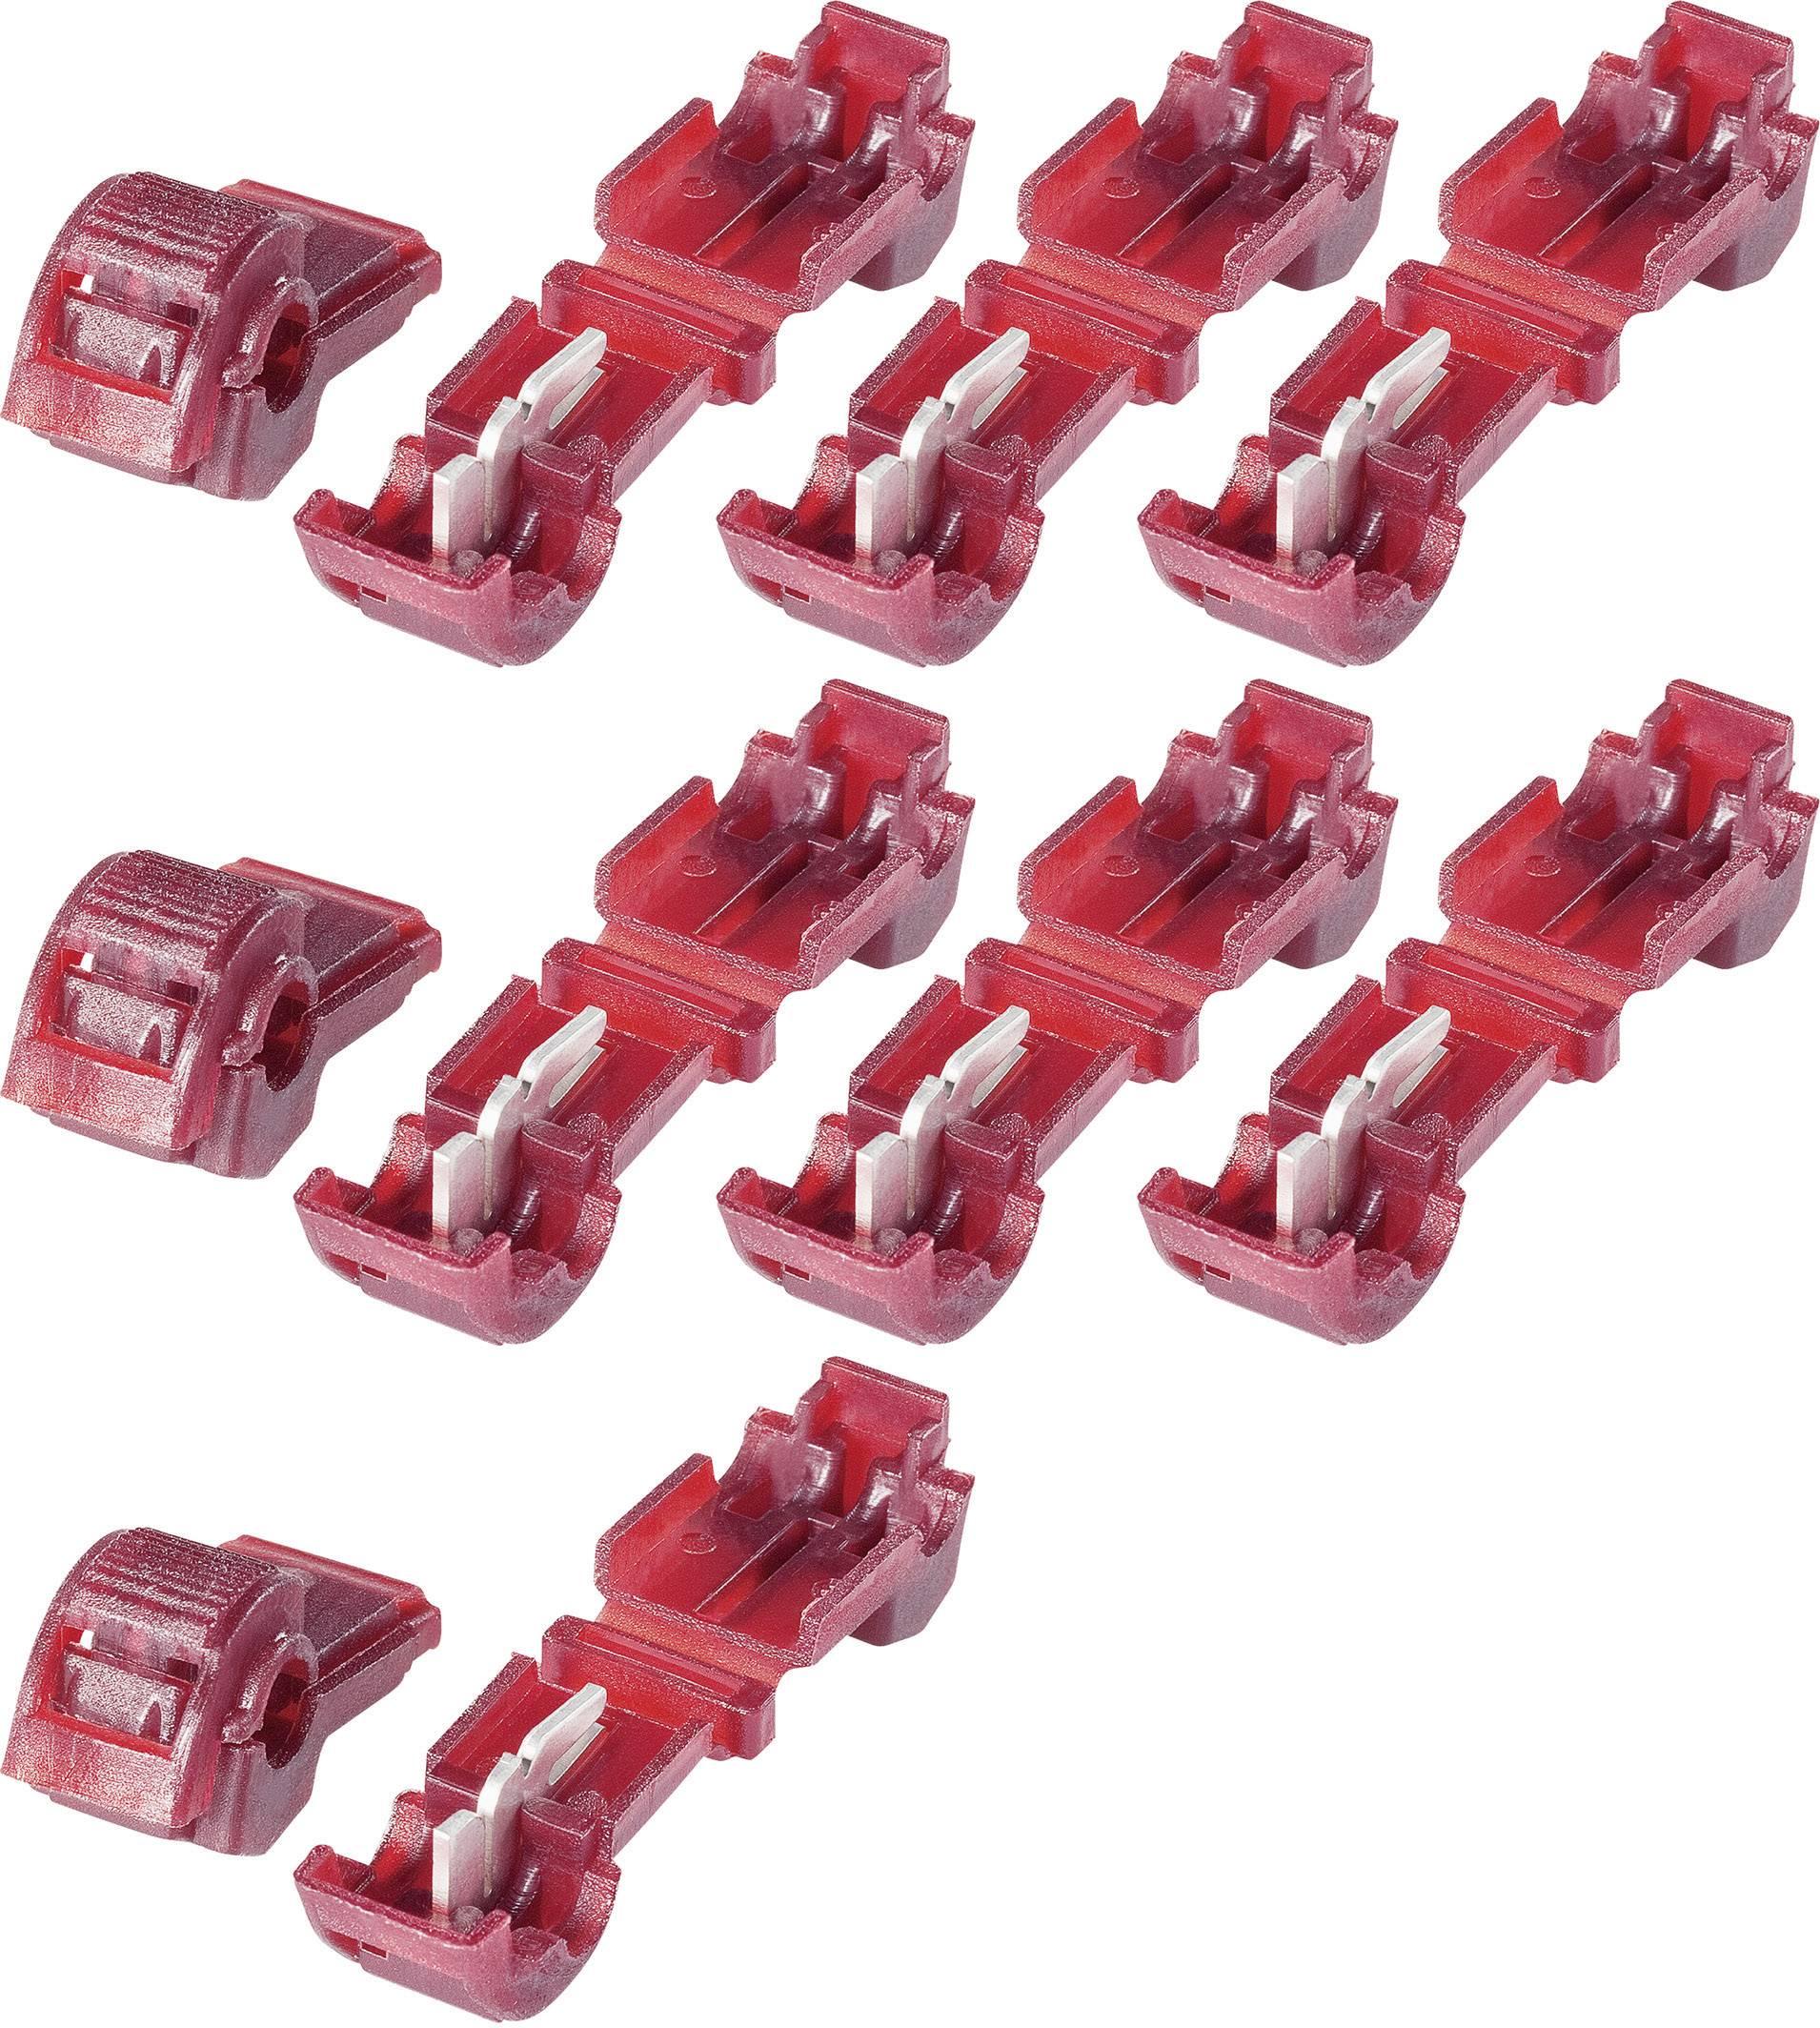 Sada spojok KVA 1, 3.250.021, 6,3 mm, 0,5 - 1,5 mm², červená, 10 ks